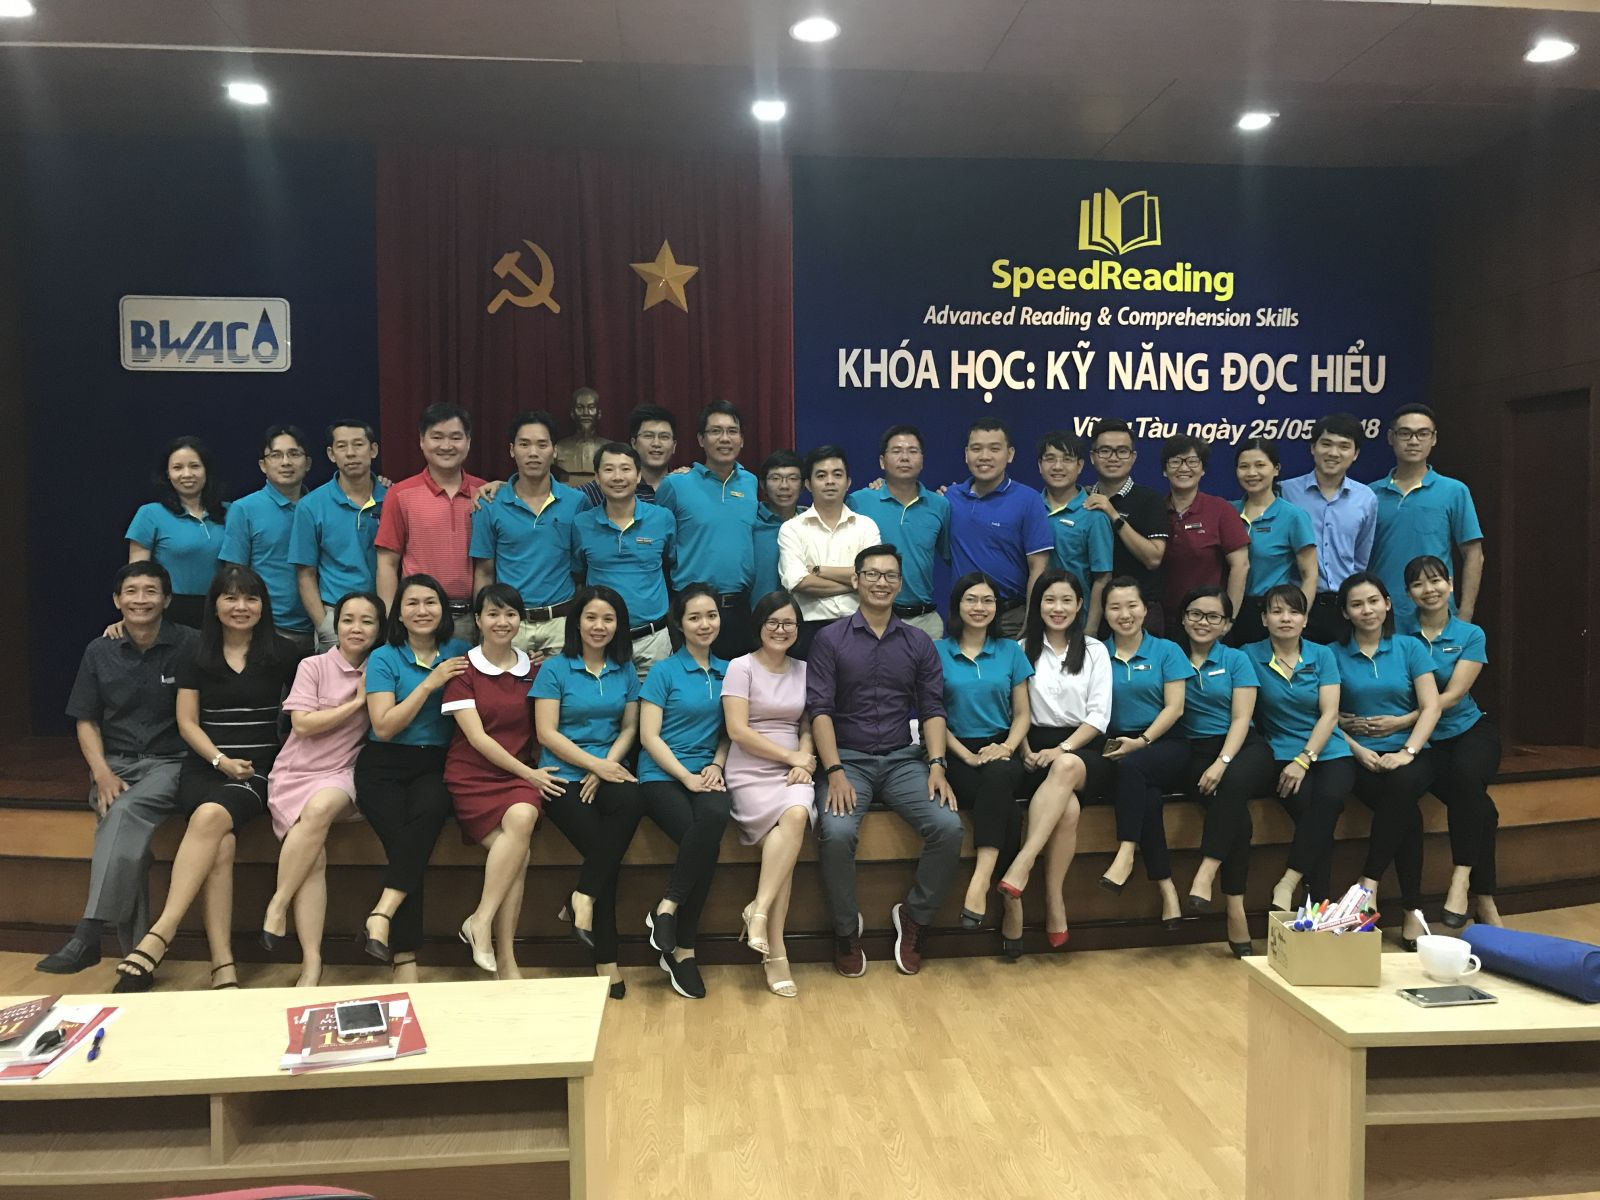 Báo Gia Đình đưa tin về SpeedReading Việt Nam